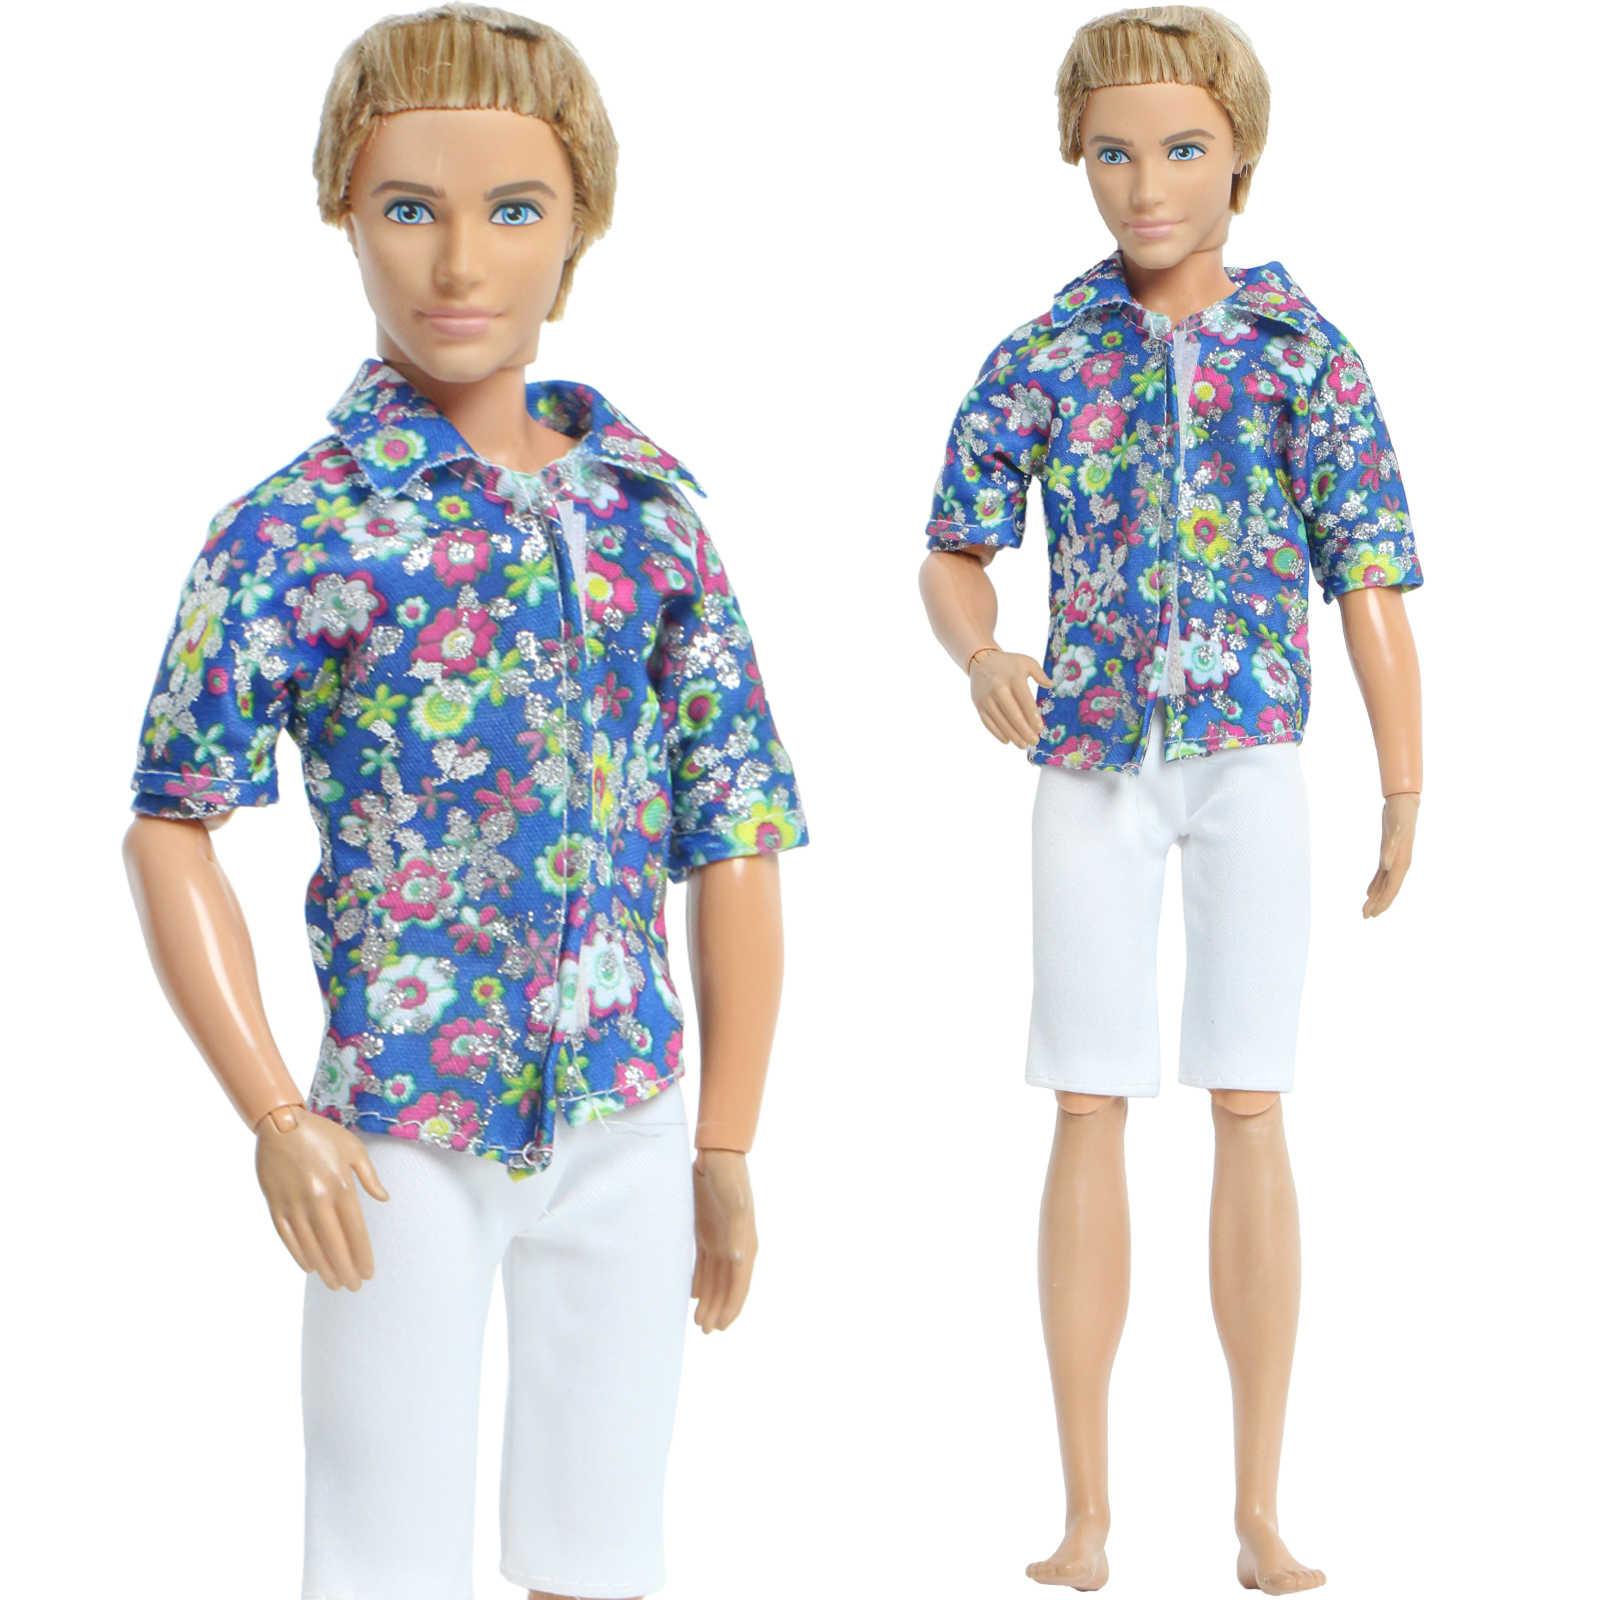 แฟชั่นชุดสบายๆ 1 ชุดสวมใส่Mix Stylesผู้ชายชุดเสื้อยืดBattle Fatiguesกางเกงขาสั้นกางเกงกางเกงเสื้อผ้าสำหรับตุ๊กตาบาร์บี้Kenของเล่น